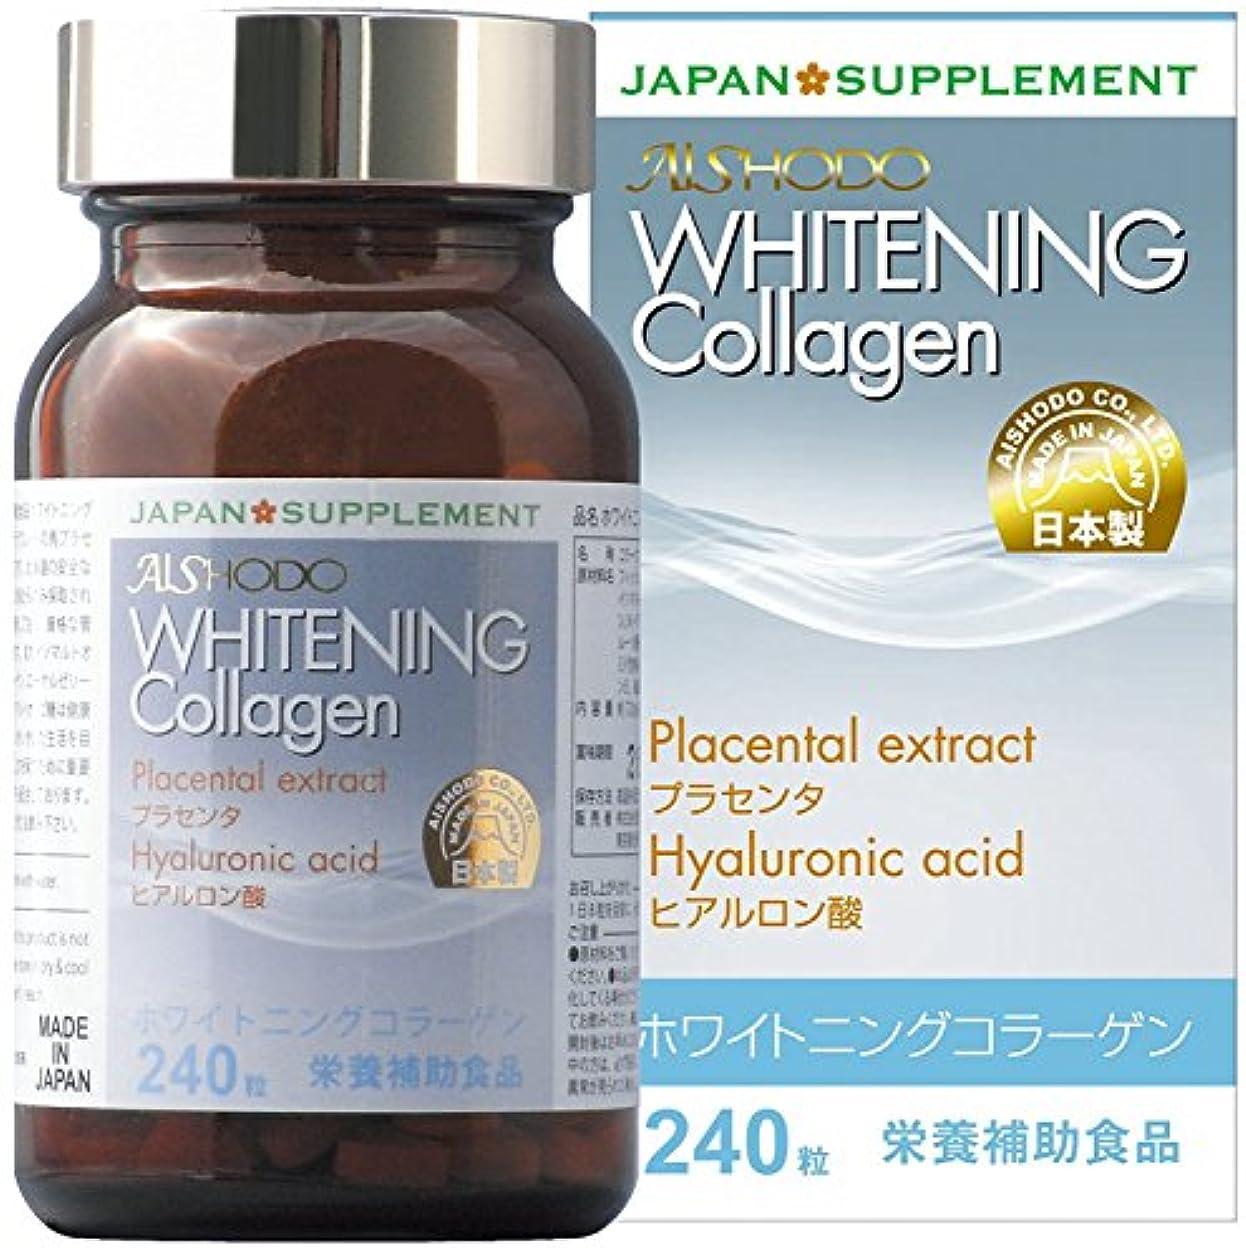 とんでもない垂直もっと【日本製】Whitening Collagen (ホワイトニングコラーゲン)240粒 プラセンタ / ヒアルロン酸 / ローヤルゼリー配合 サプリメント